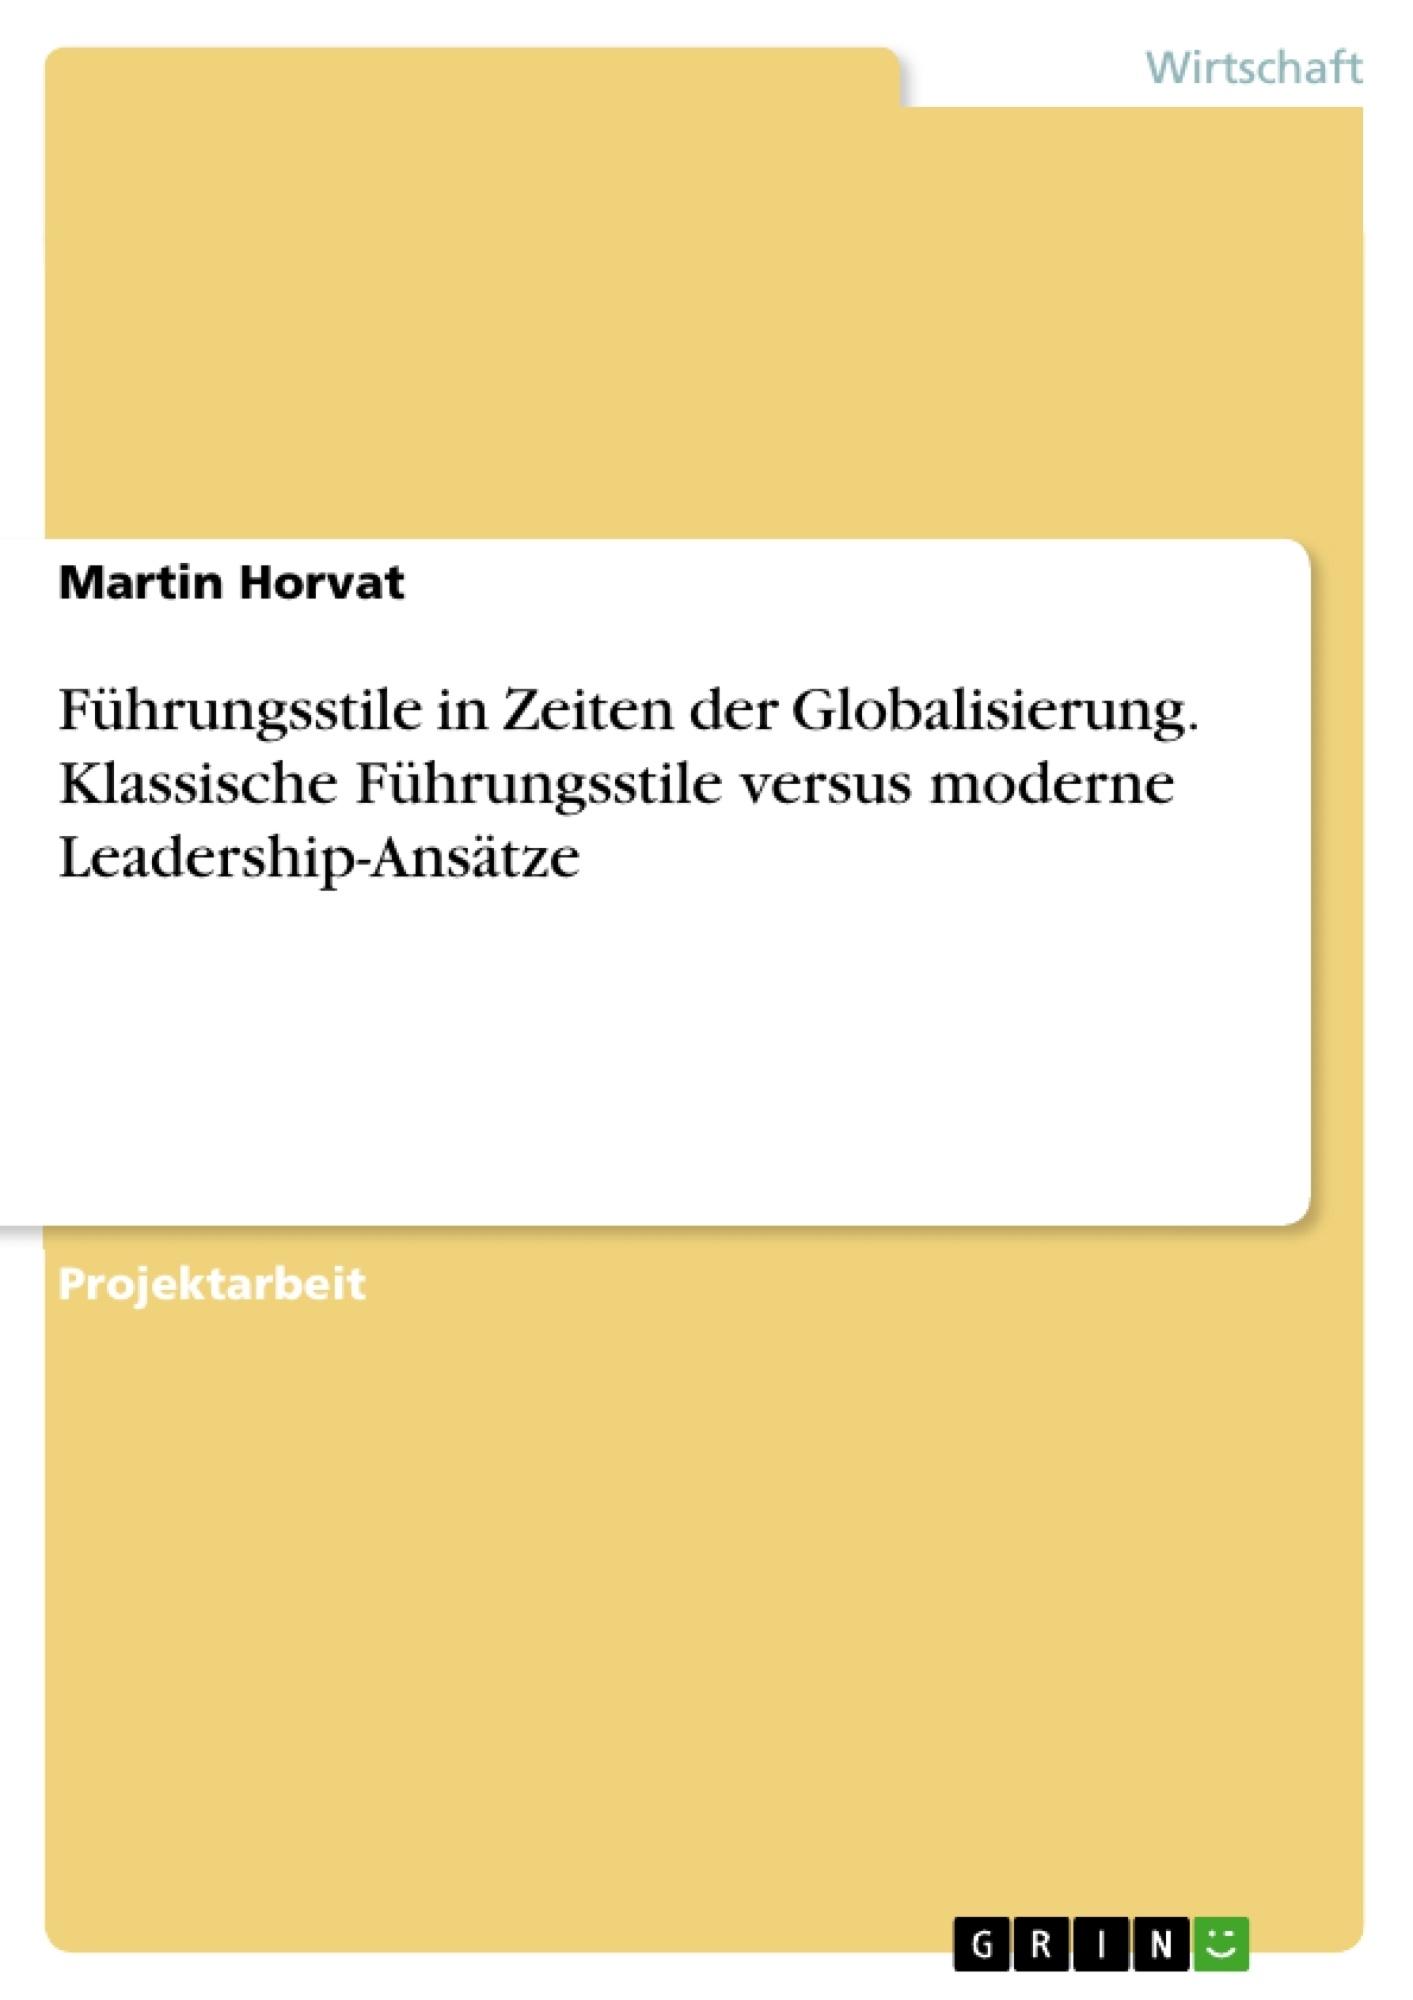 Titel: Führungsstile in Zeiten der Globalisierung. Klassische Führungsstile versus moderne Leadership-Ansätze